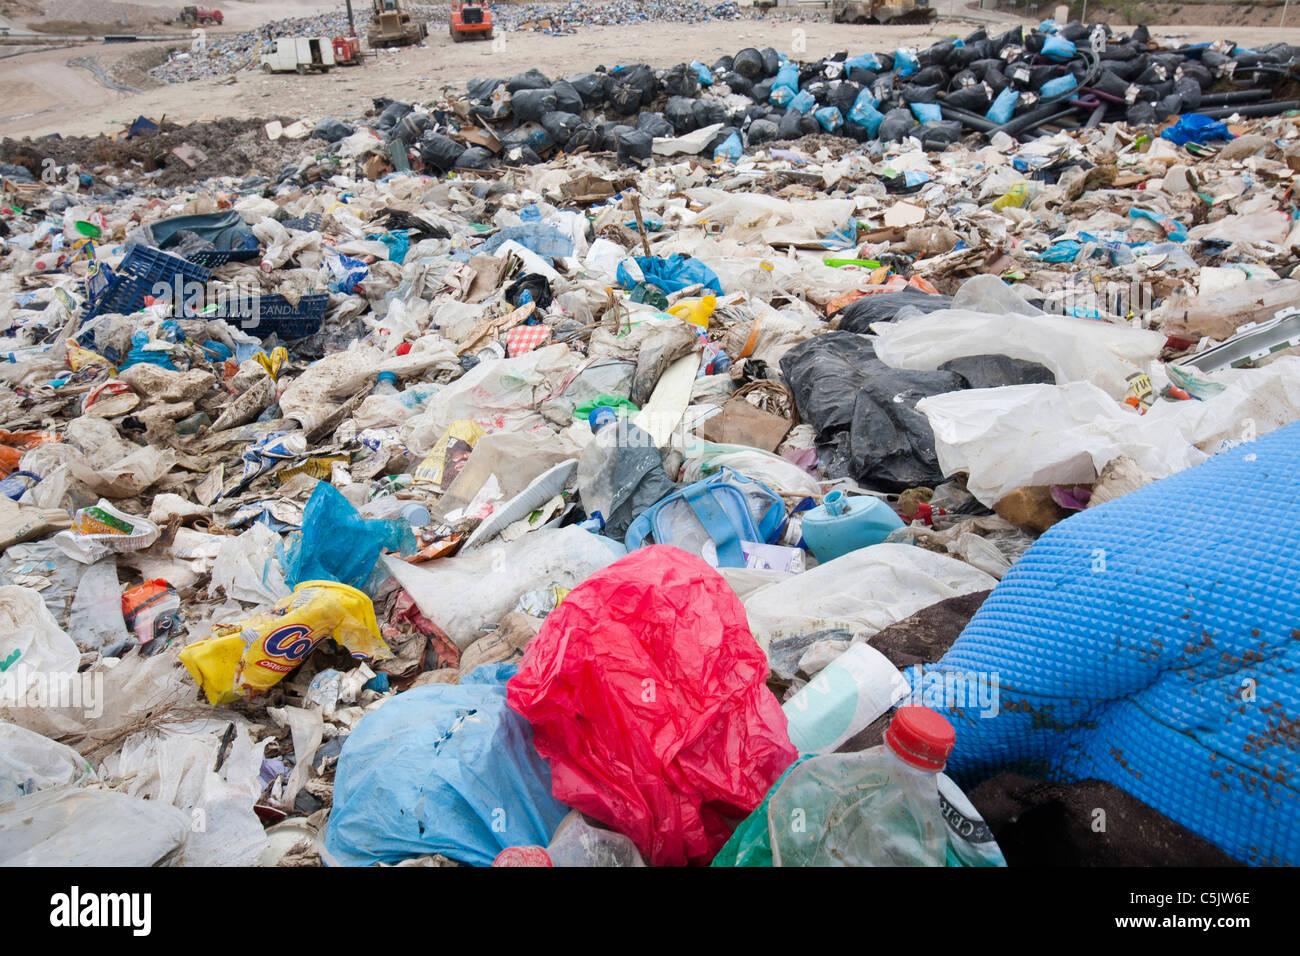 Rubbish on a landfill site in Alicante, Costa Blanca, Murcia, Spain - Stock Image